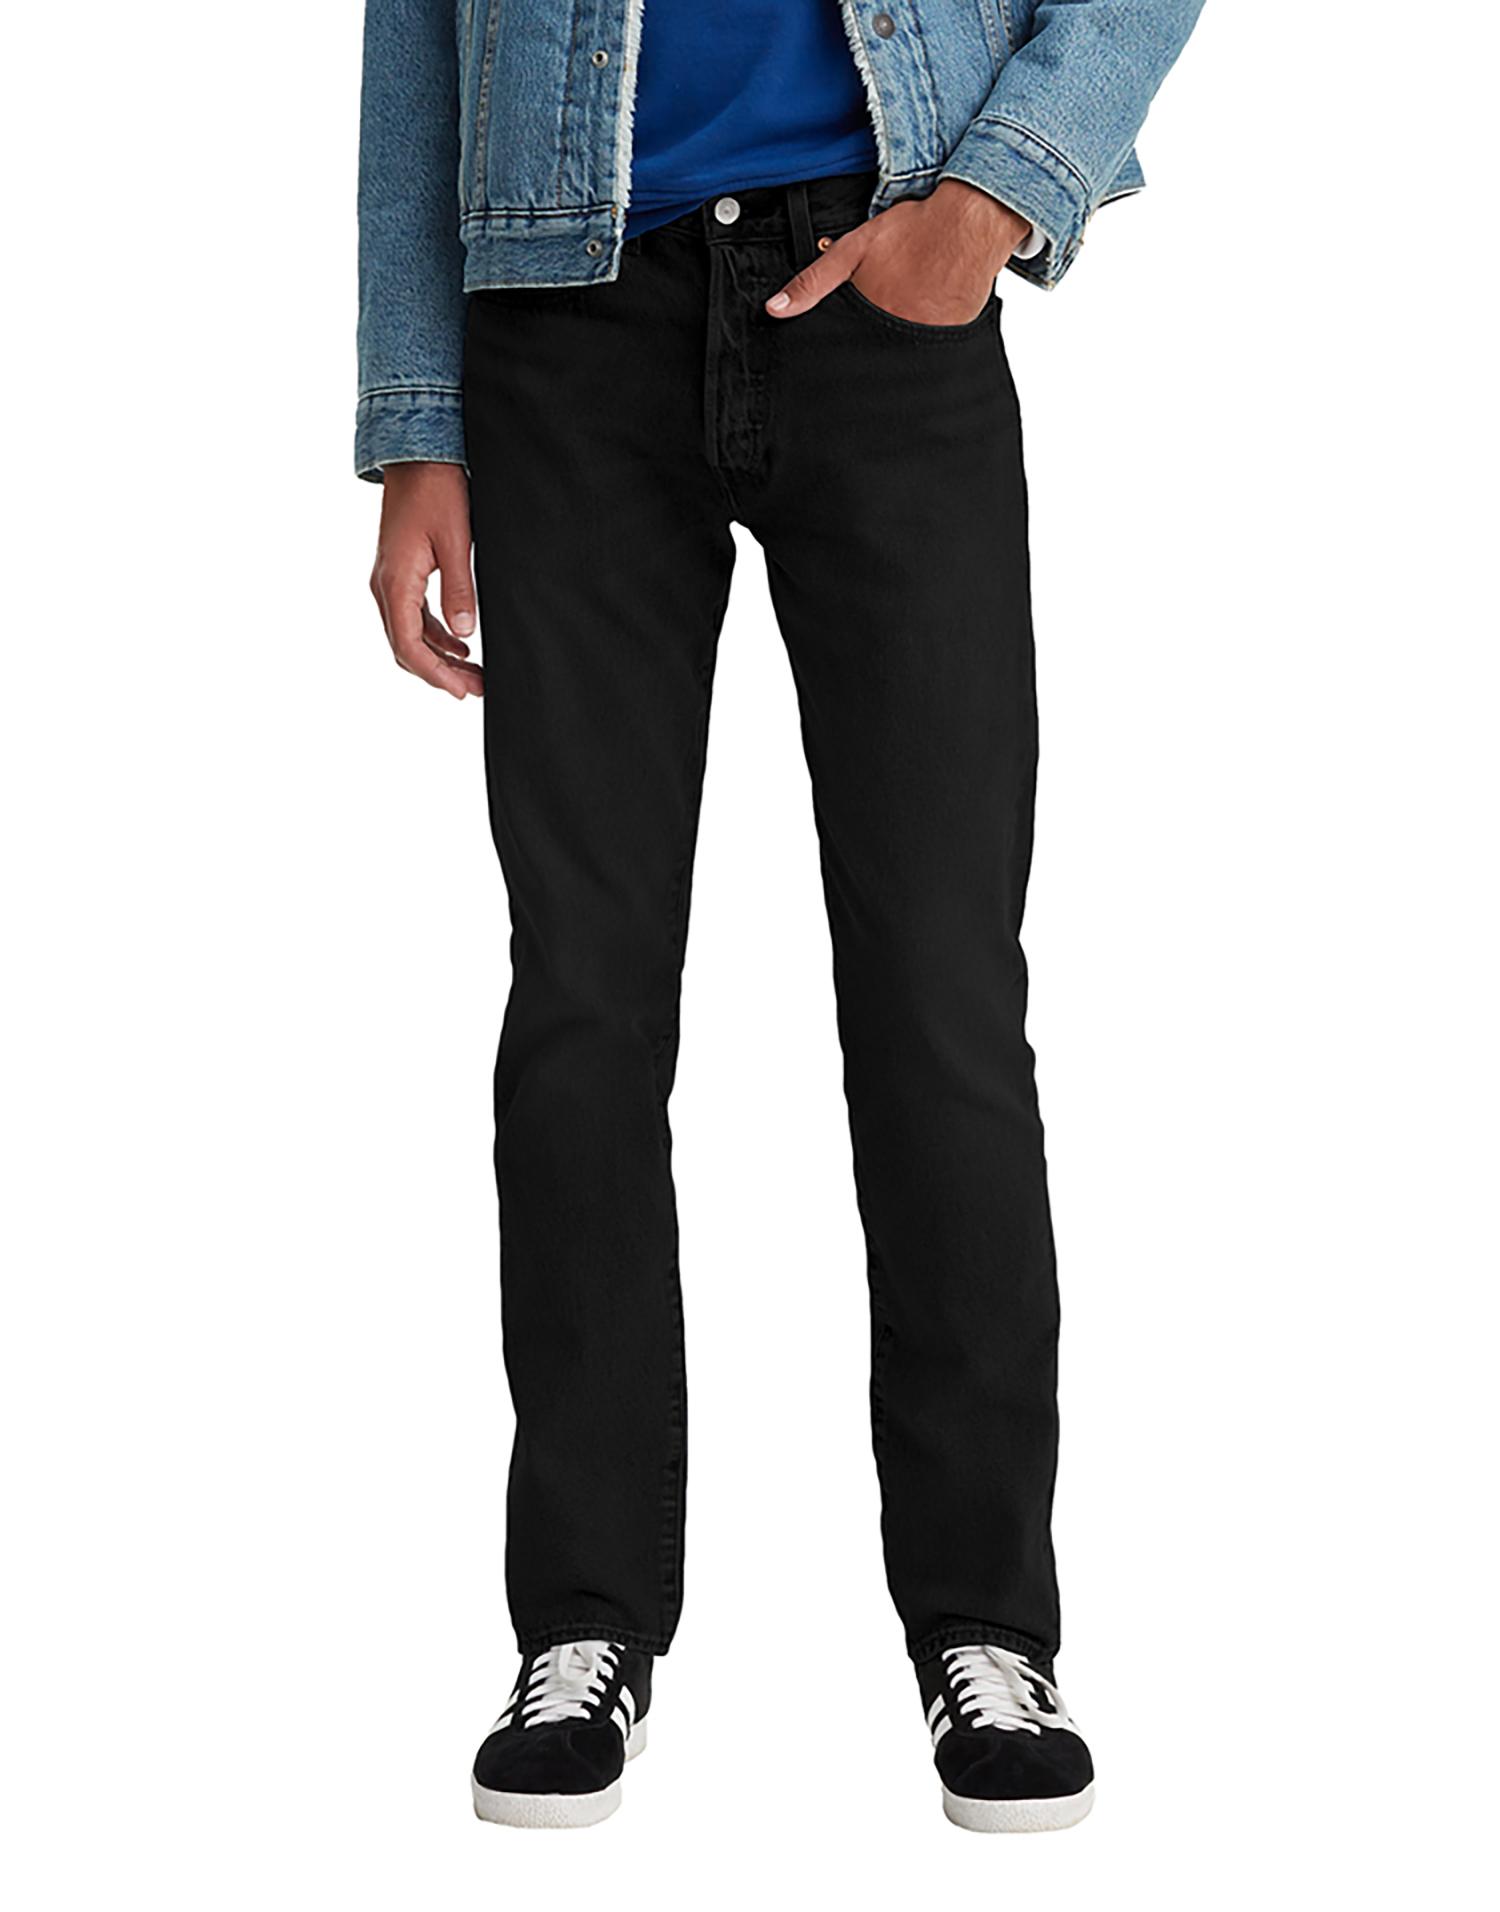 NEW Levi's 501 Taper Jeans Black NWT